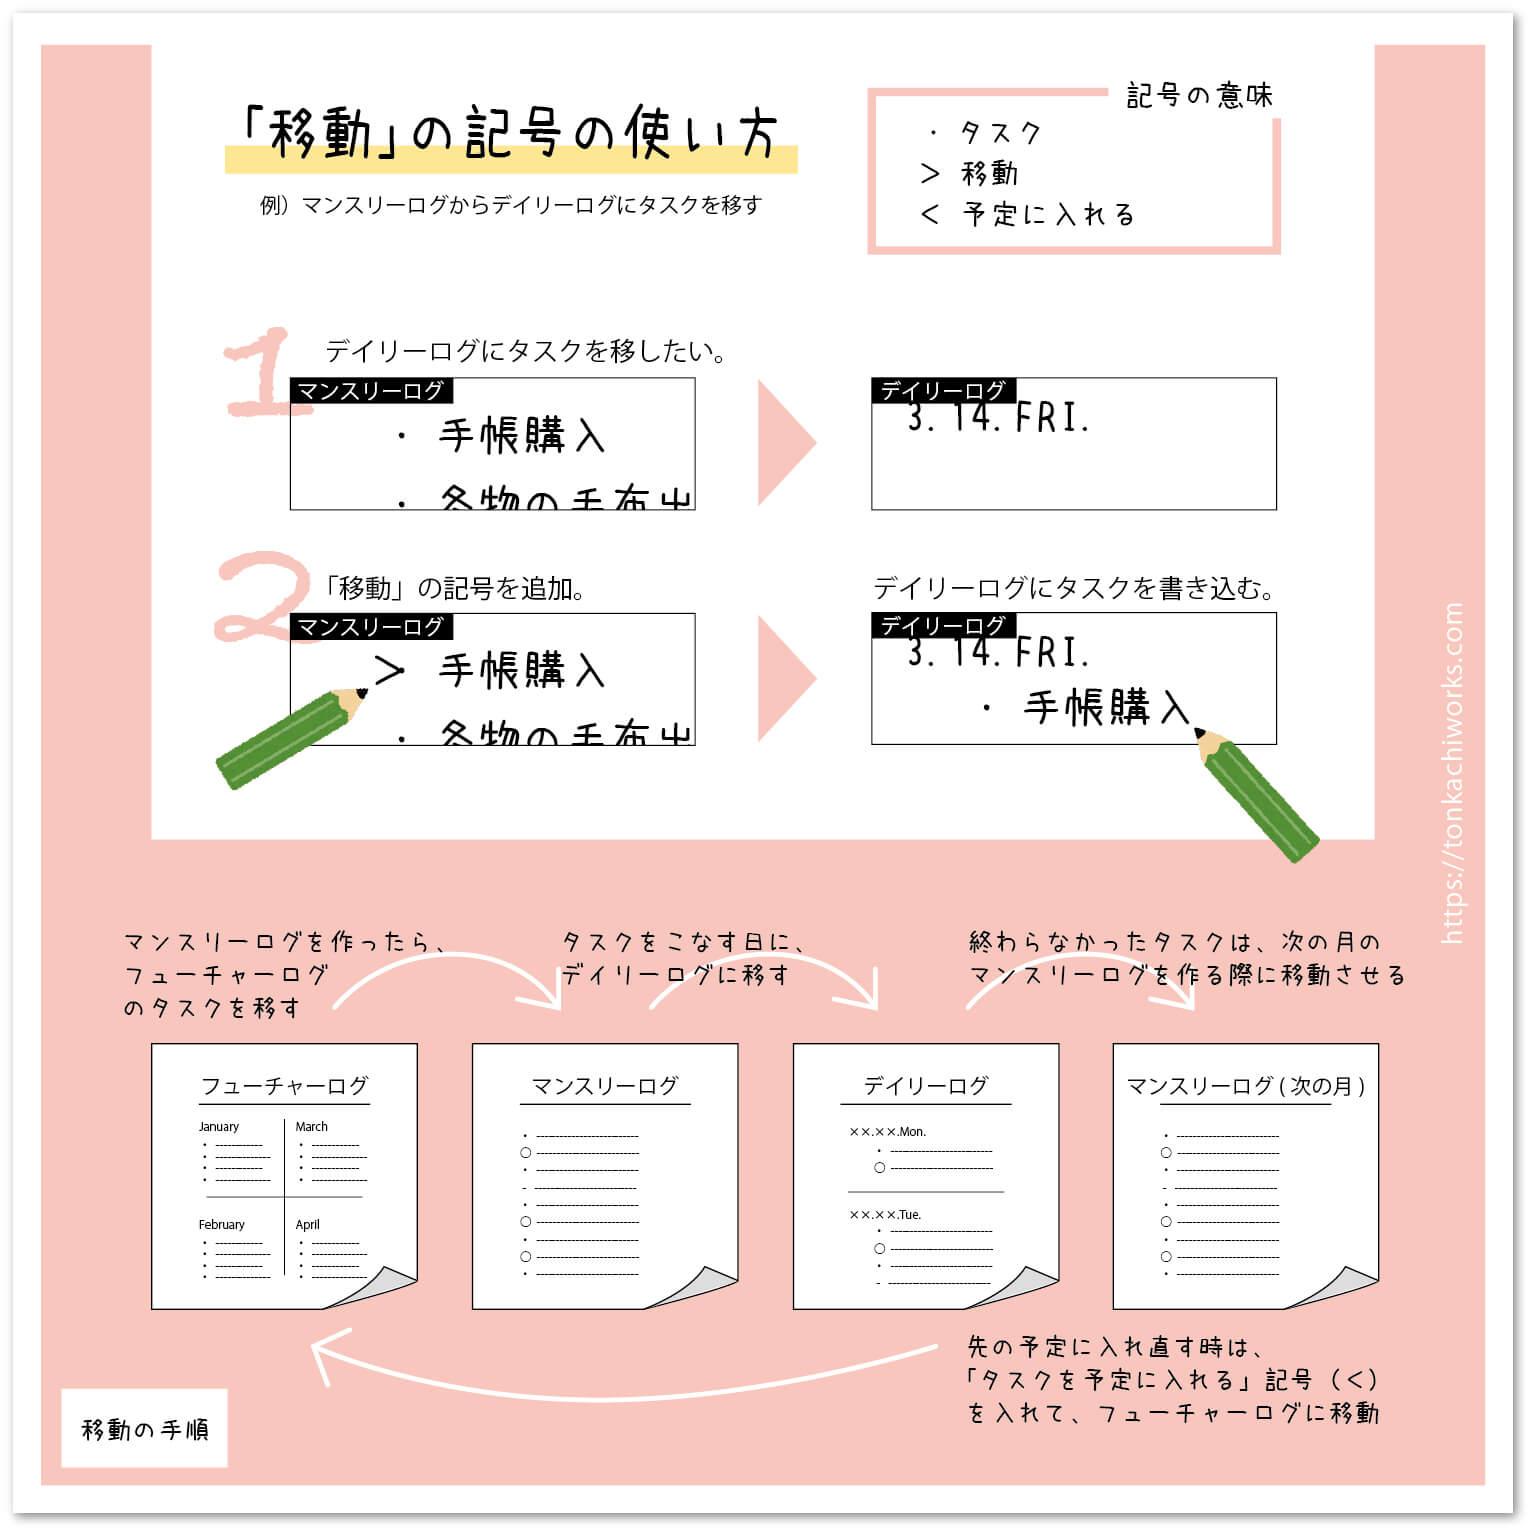 【図解】移動の記号の使い方 バレットジャーナル